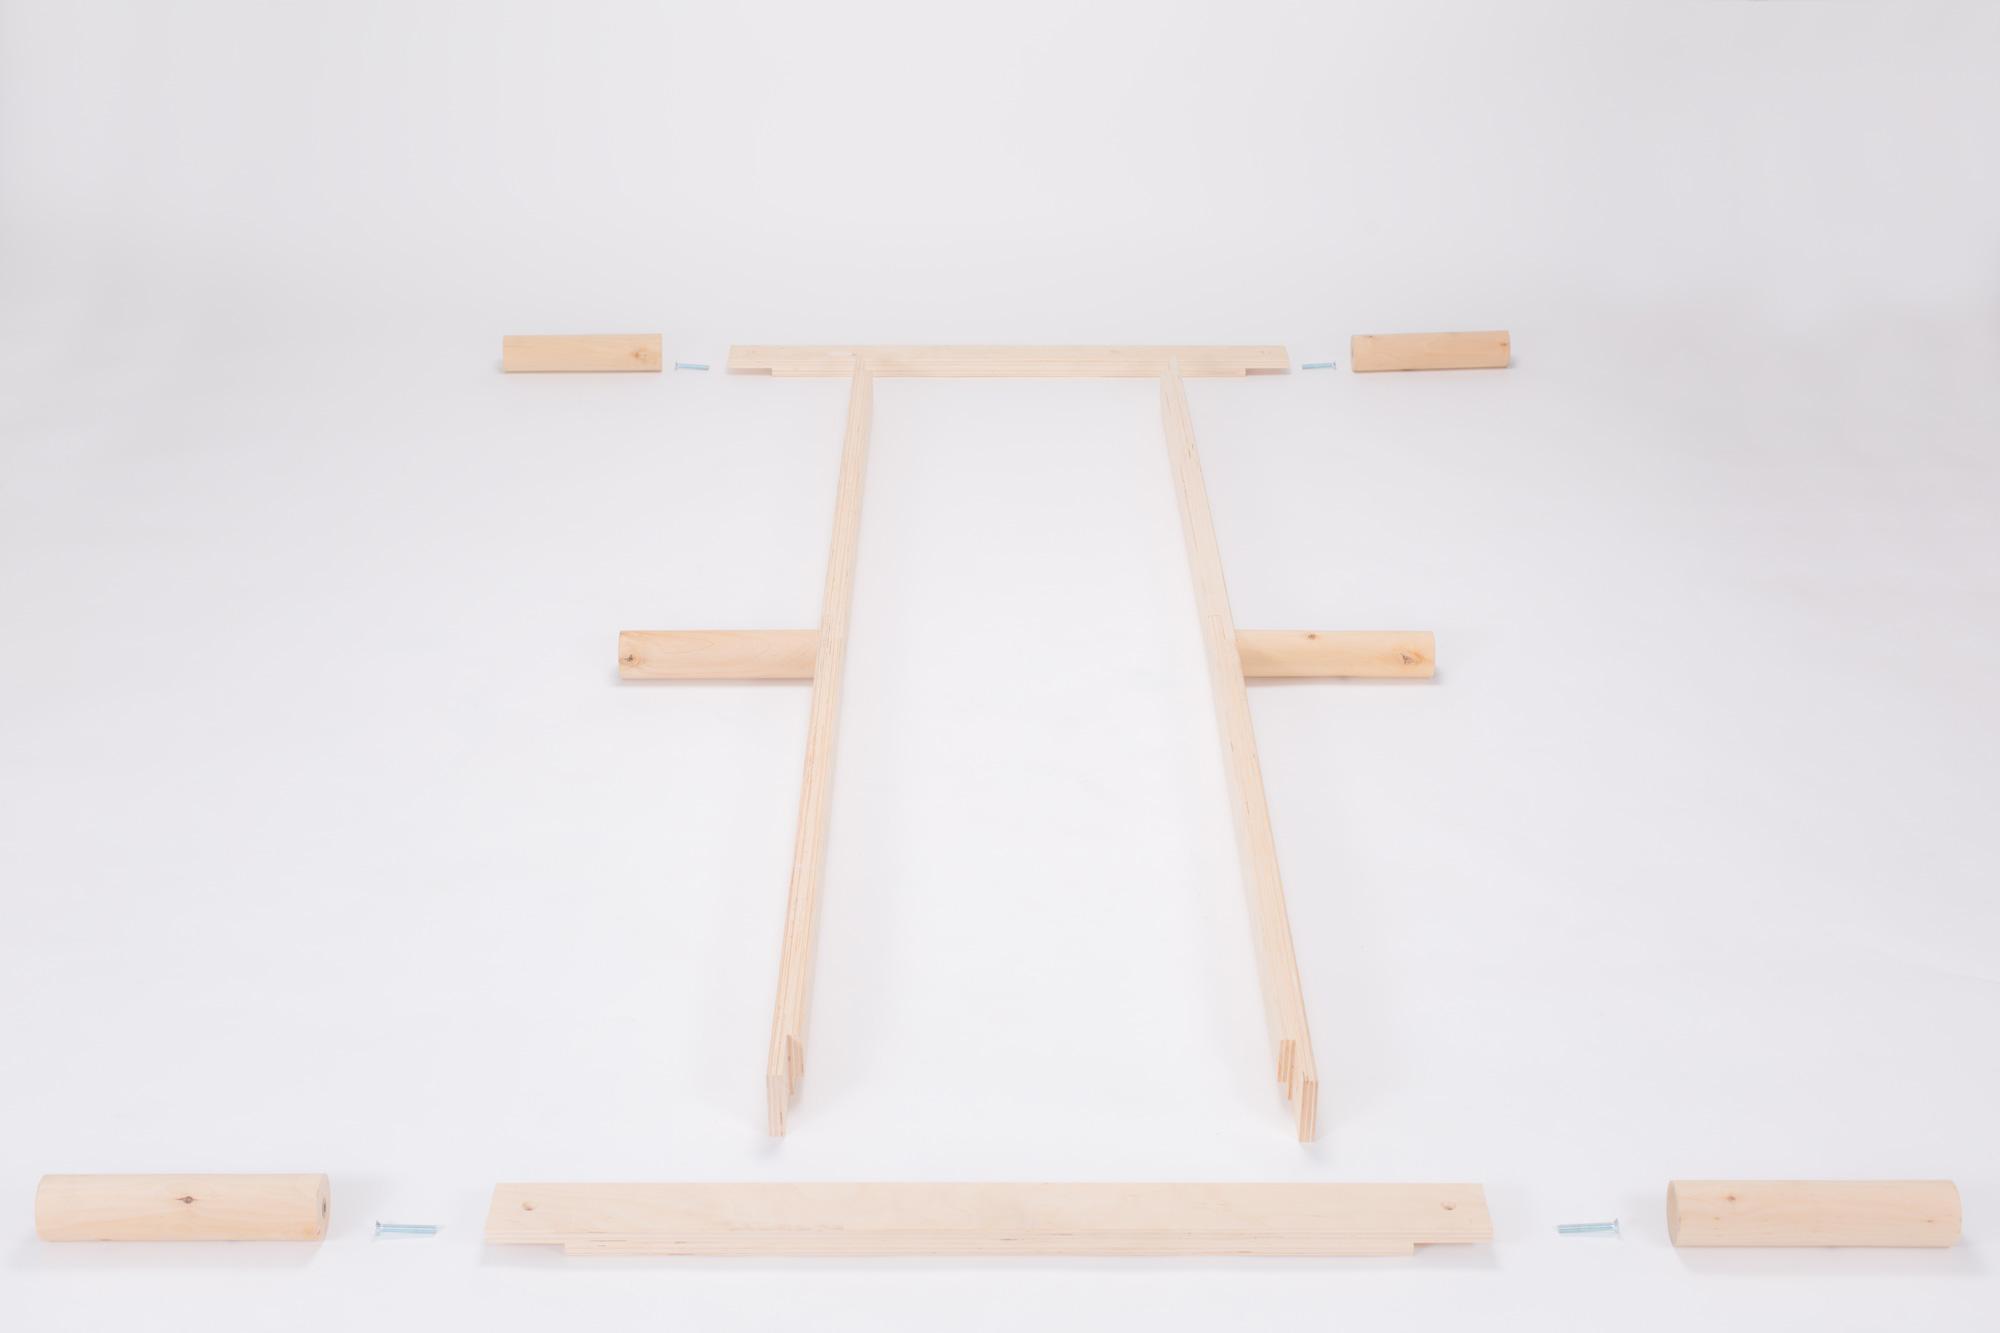 Gigapur G1 26899 Bett | Lattenrost und Bettgestell | Birke Natur Schicht-Holz | Bettrahmen belastbar bis 195 Kg | 70 x 200 cm